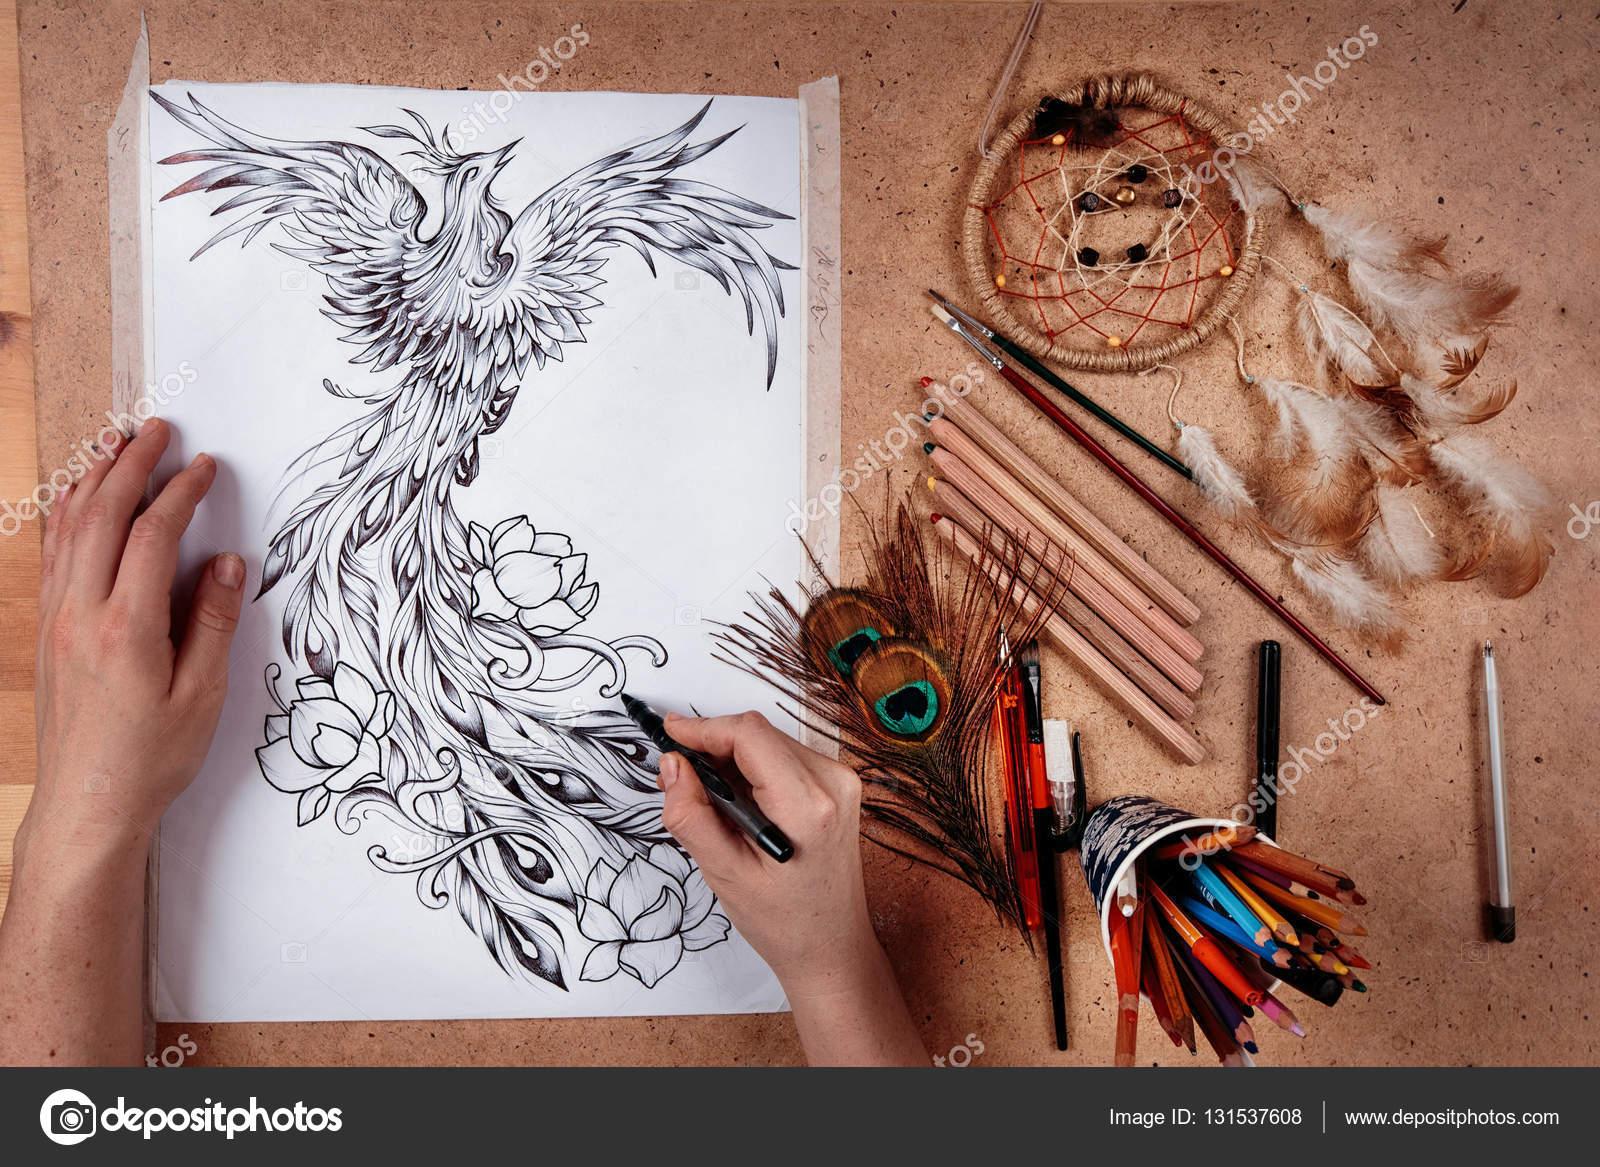 Dibujos Ave Fenix Dibujo De Un Ave Fénix En Entorno Creativo A